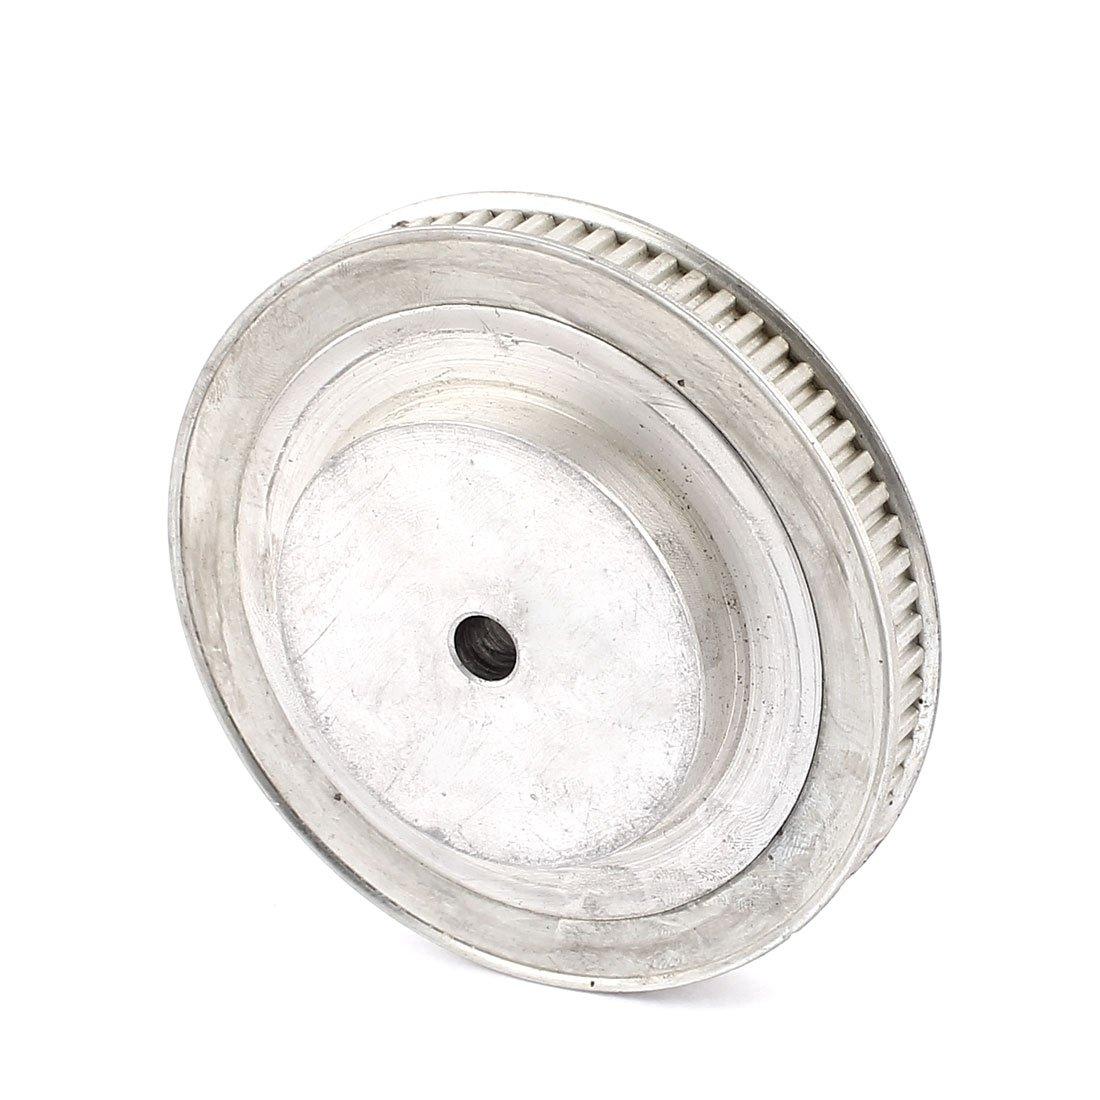 sourcingmap® 72Zähne 10mm Bohrung Dmr Aluminum XL Typ Motorantrieb Synchron Zahnriemenscheibe sourcing map a15071800ux0426